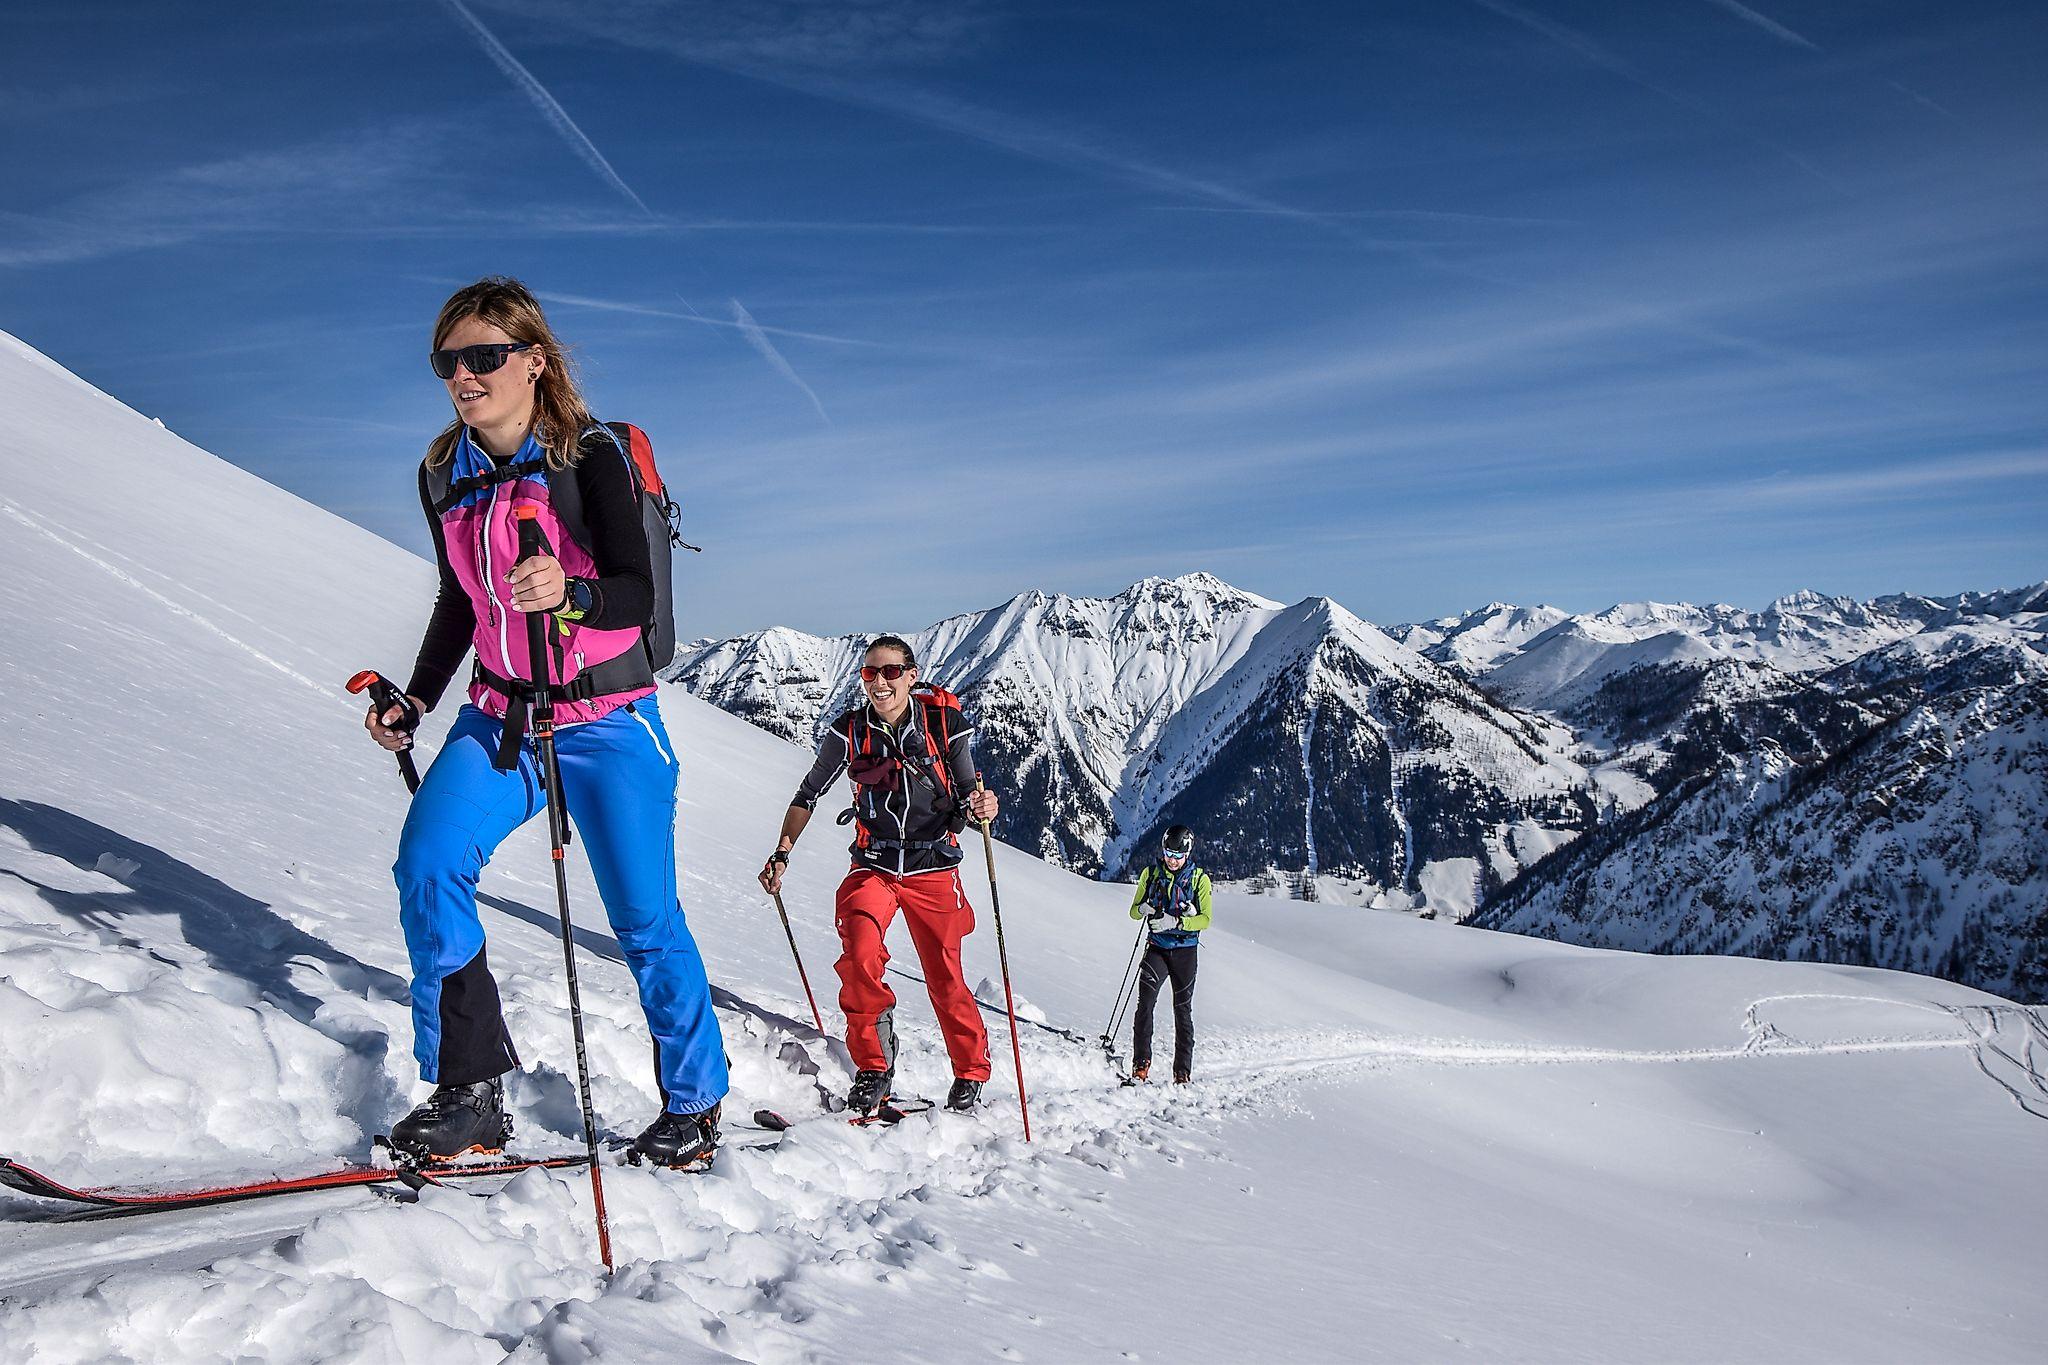 <p>Die Tour aufs Liebeseck ist eine der bekanntesten Skitourenrouten der Region Flachau</p>